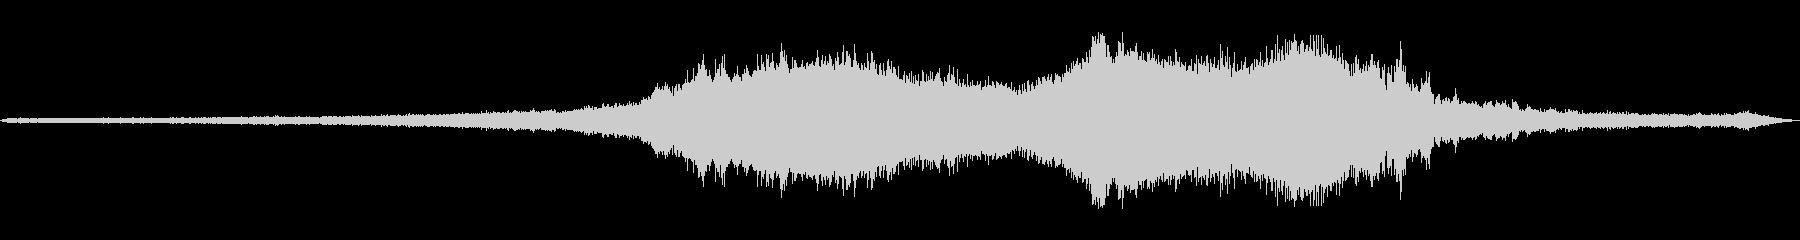 飛行機_タイ_旅客機_02の未再生の波形